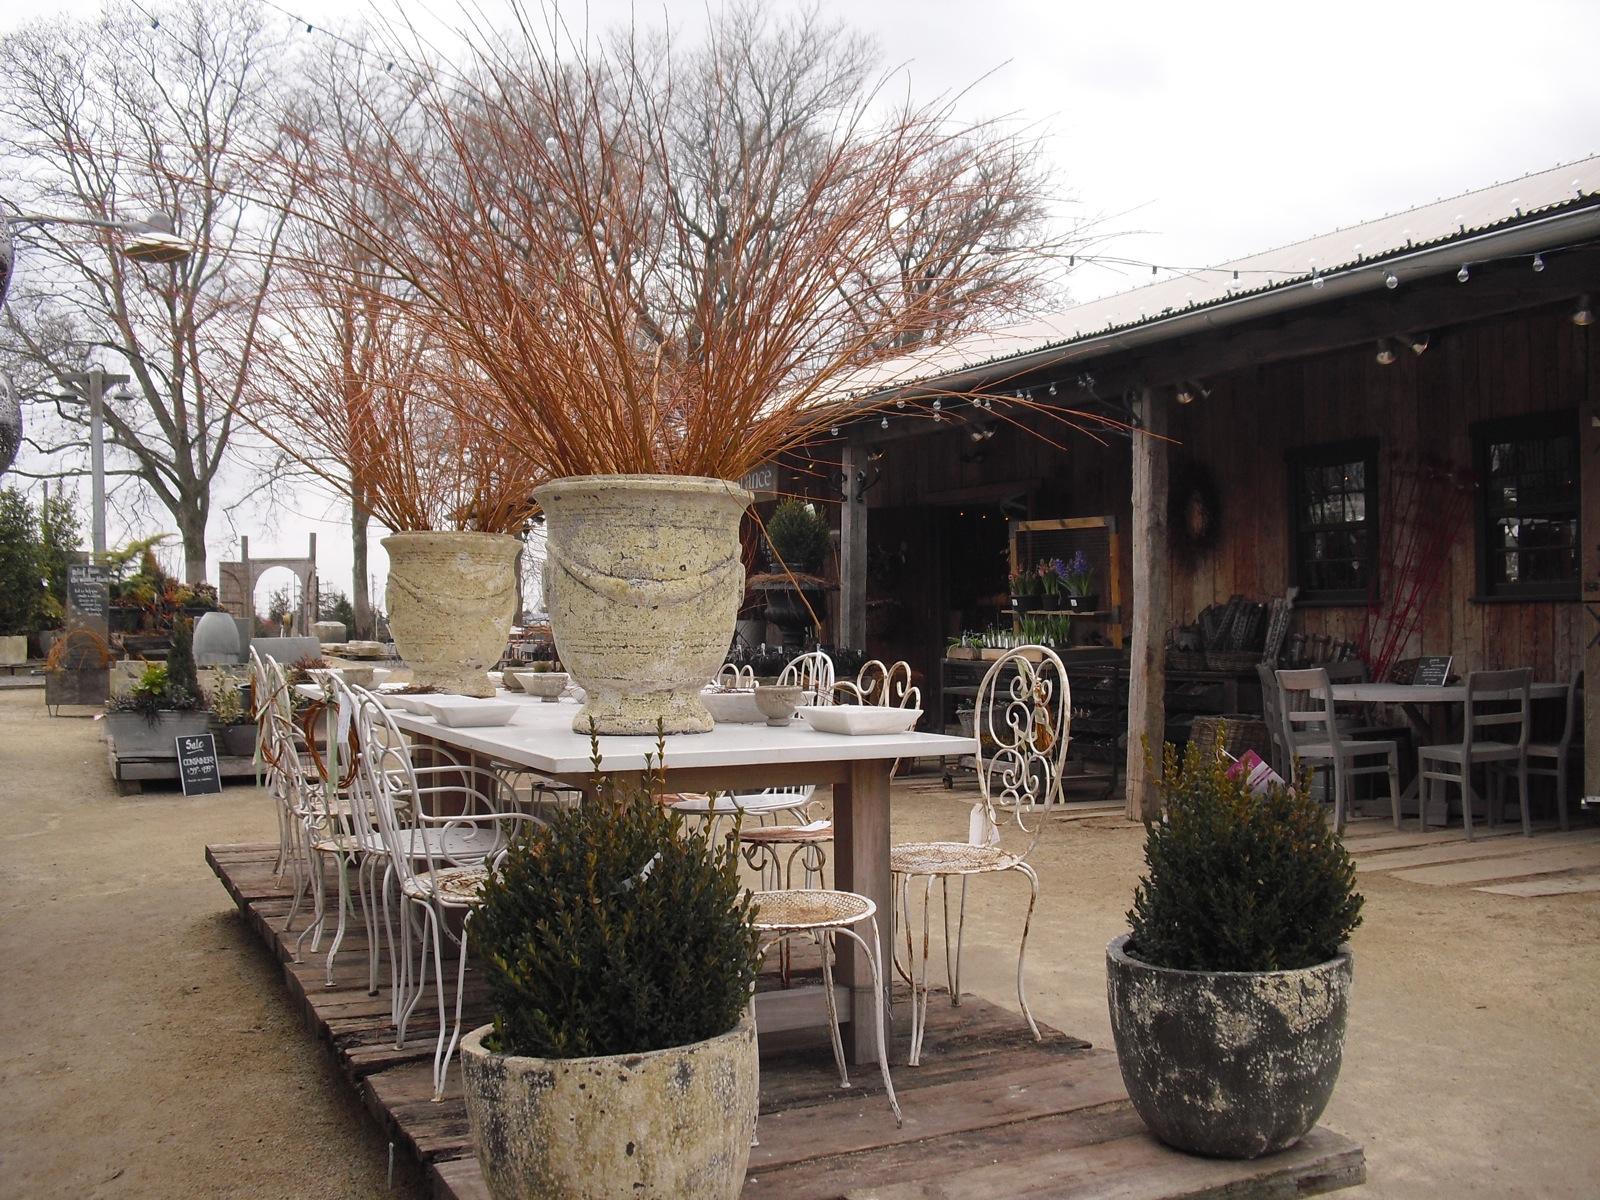 Terrain Garden Cafe Glenn Mills Pa